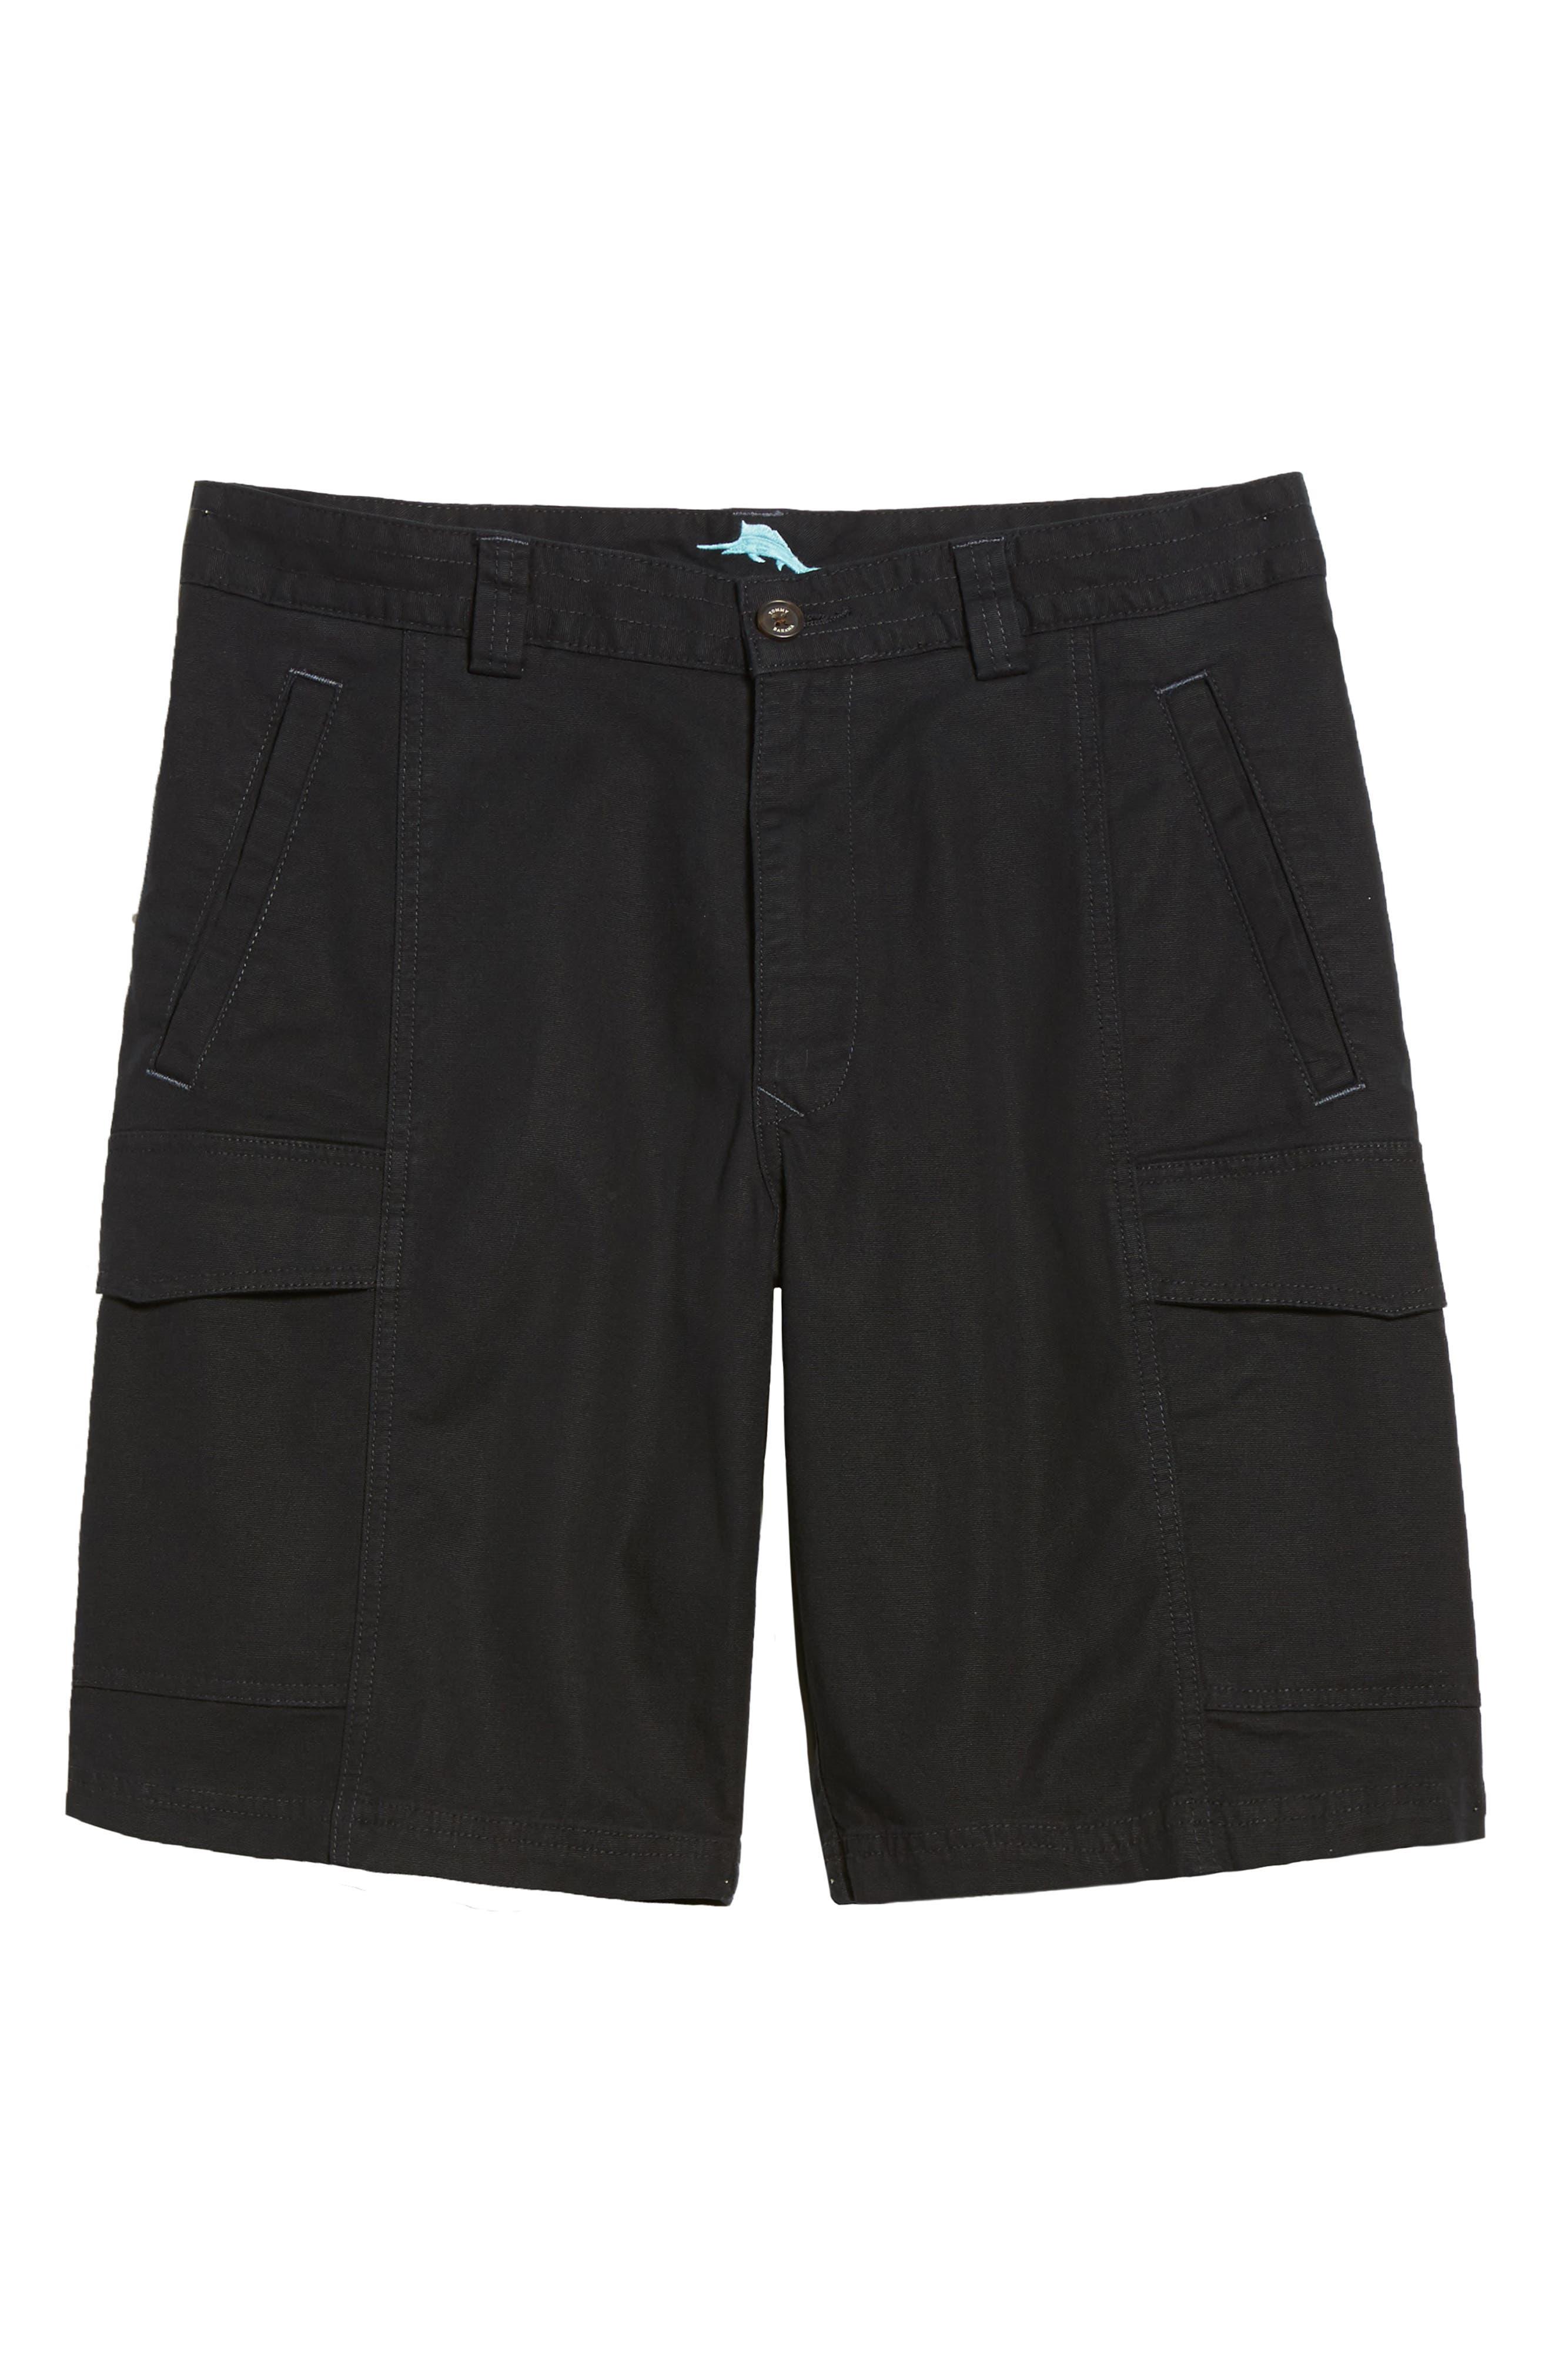 Key Isles Shorts,                             Alternate thumbnail 6, color,                             BLACK